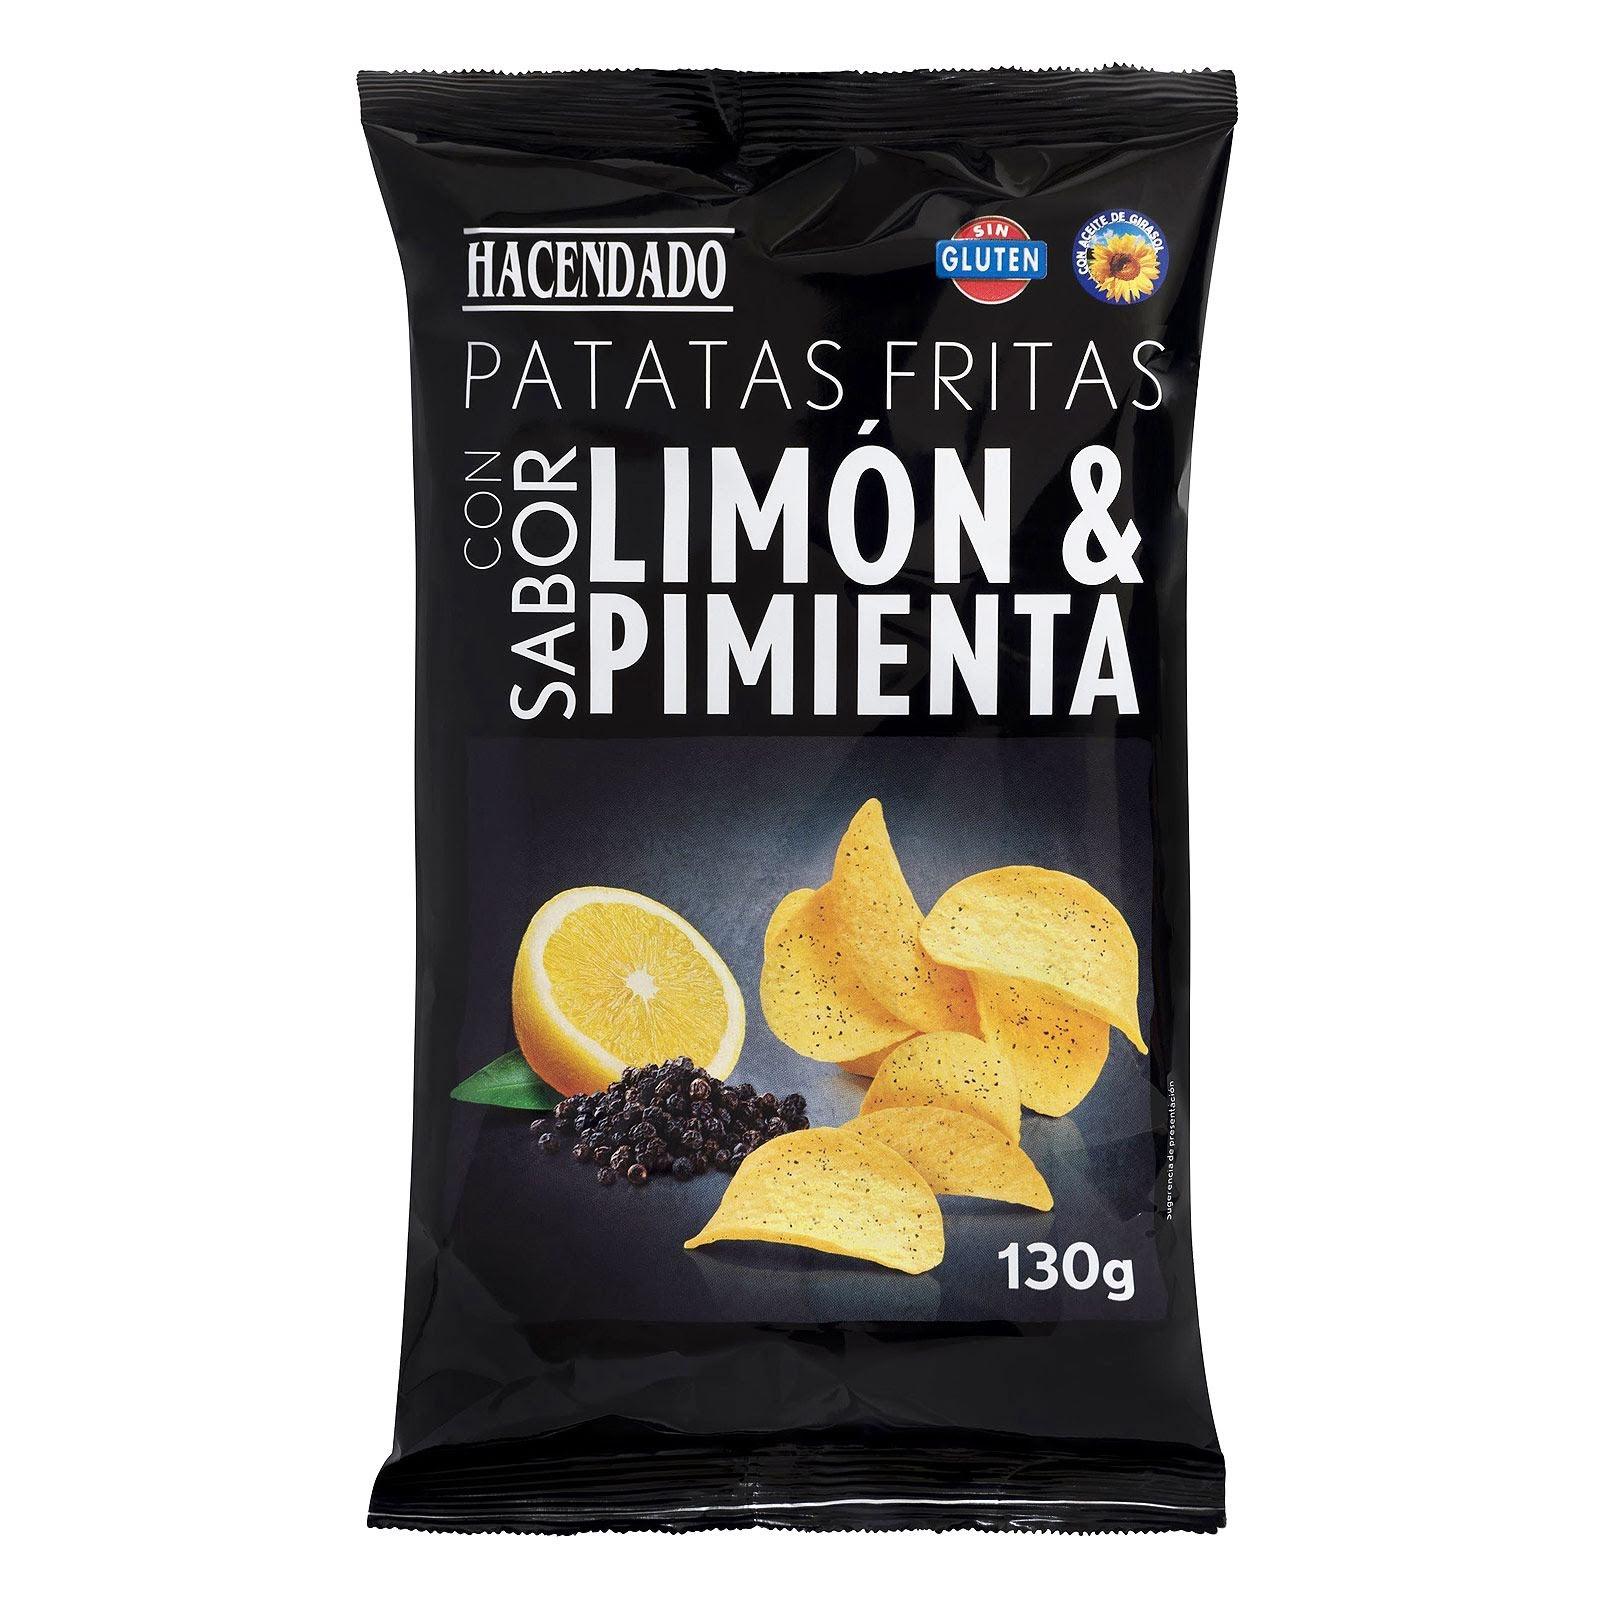 Patatas fritas sabor limón y pimienta Hacendado